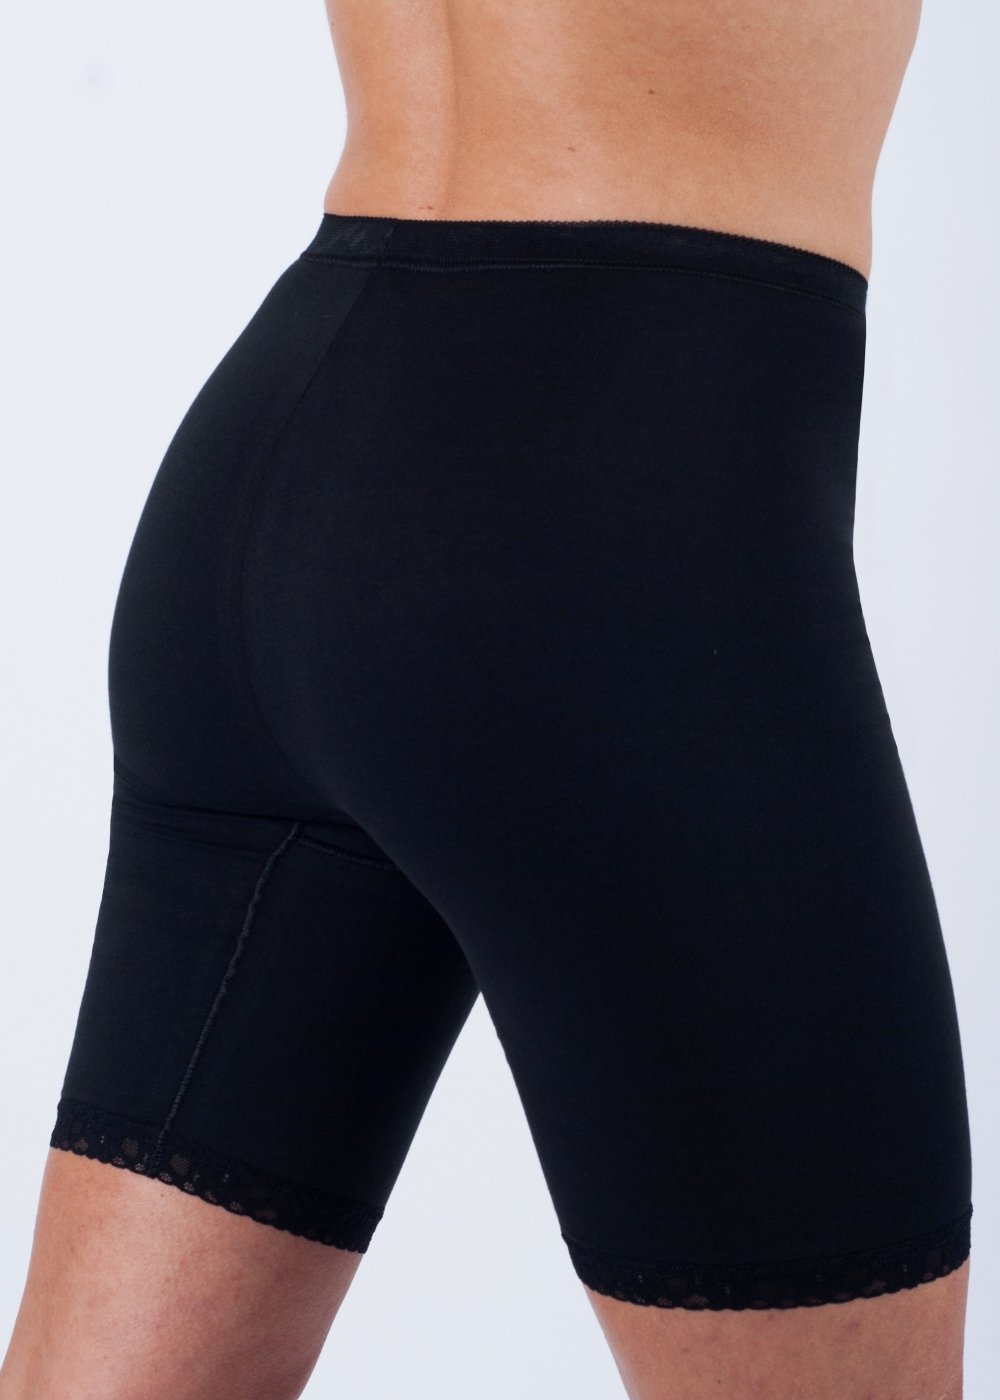 sexiga underkläder datingsite